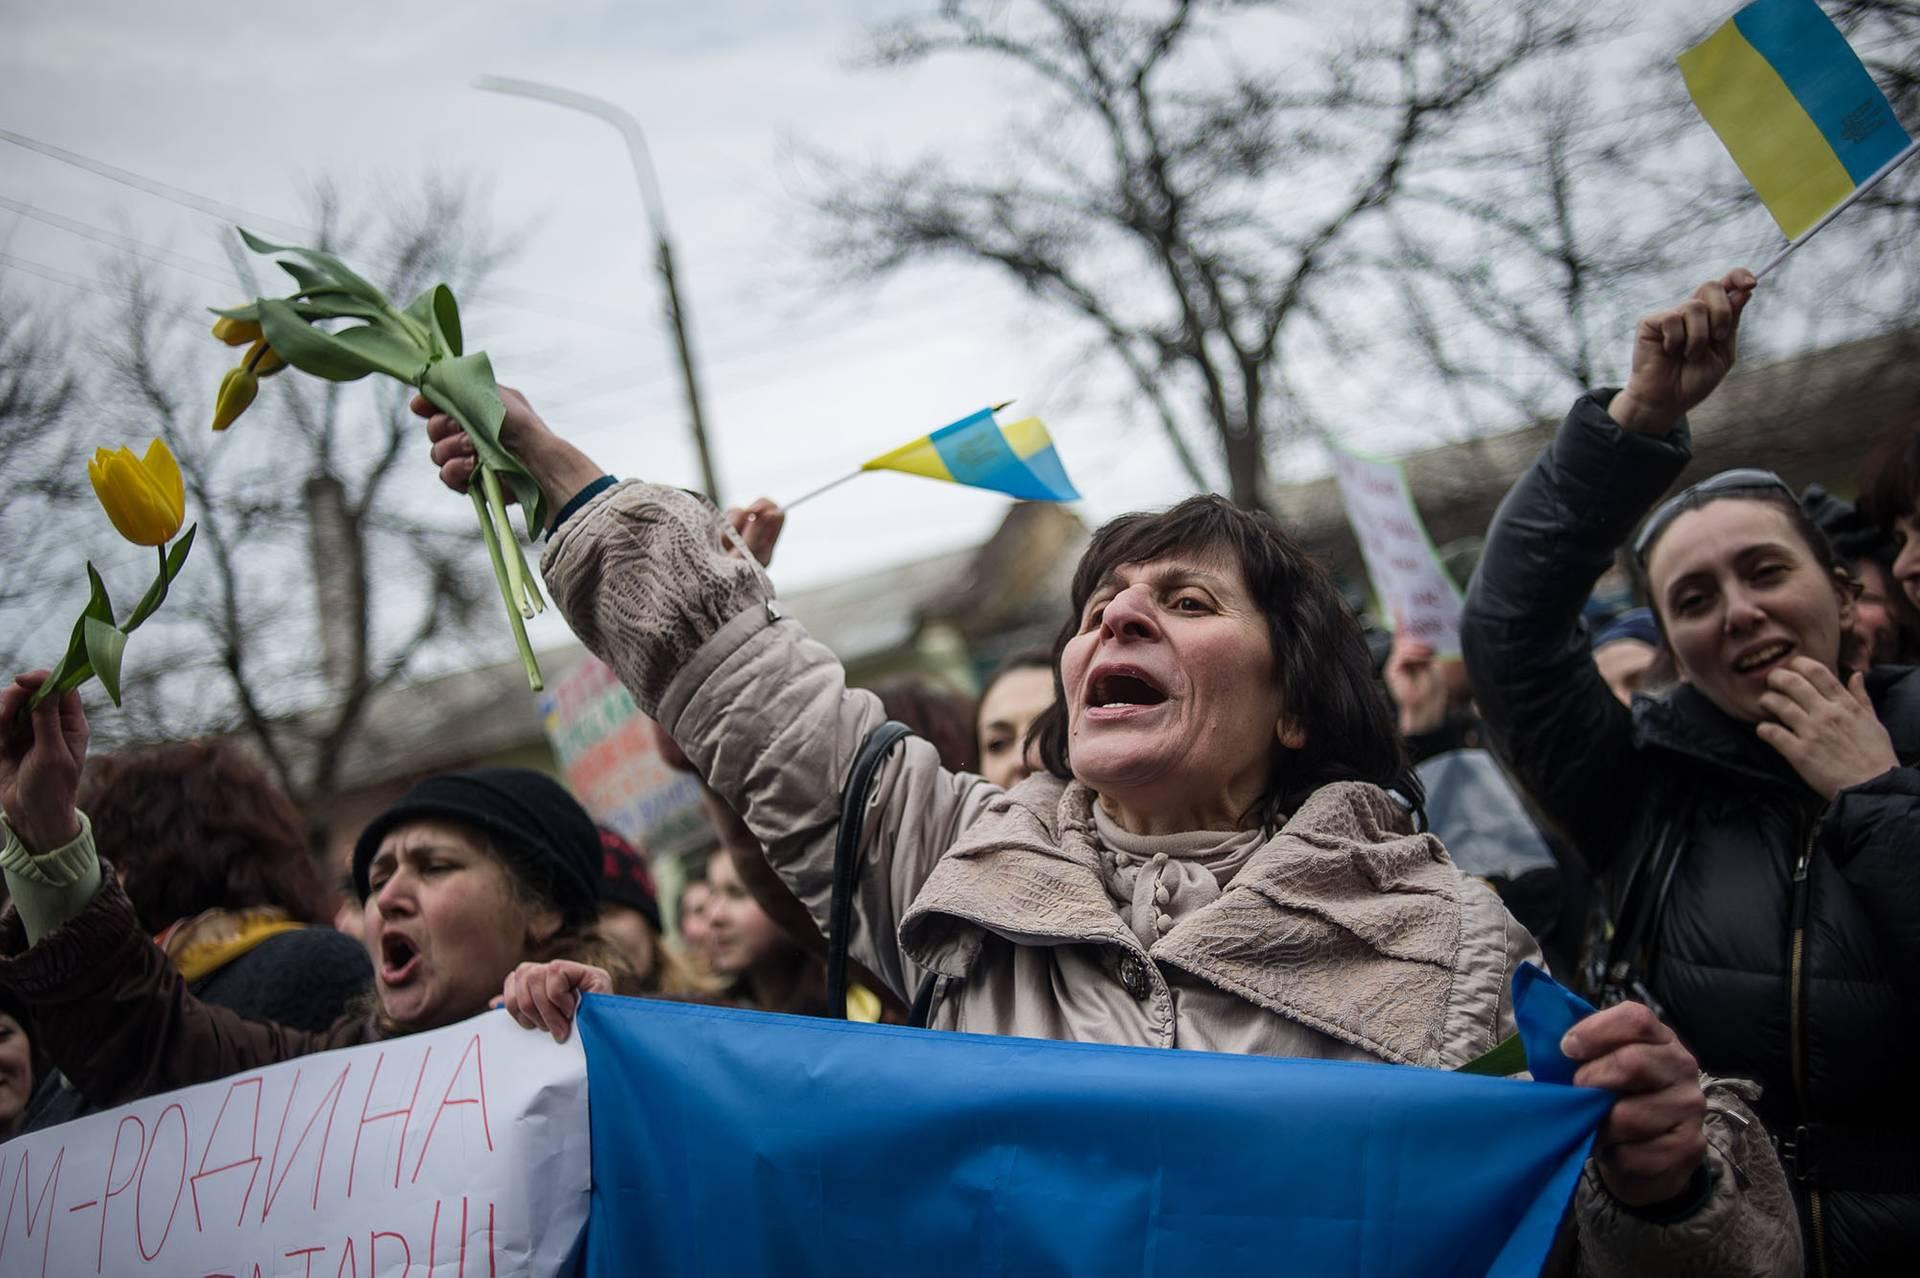 Жінки тримають квіти і українську національну символіку під час проукраїнського мітингу в Сімферополі в Міжнародний день прав жінок, Крим, 8 березня 2014 року